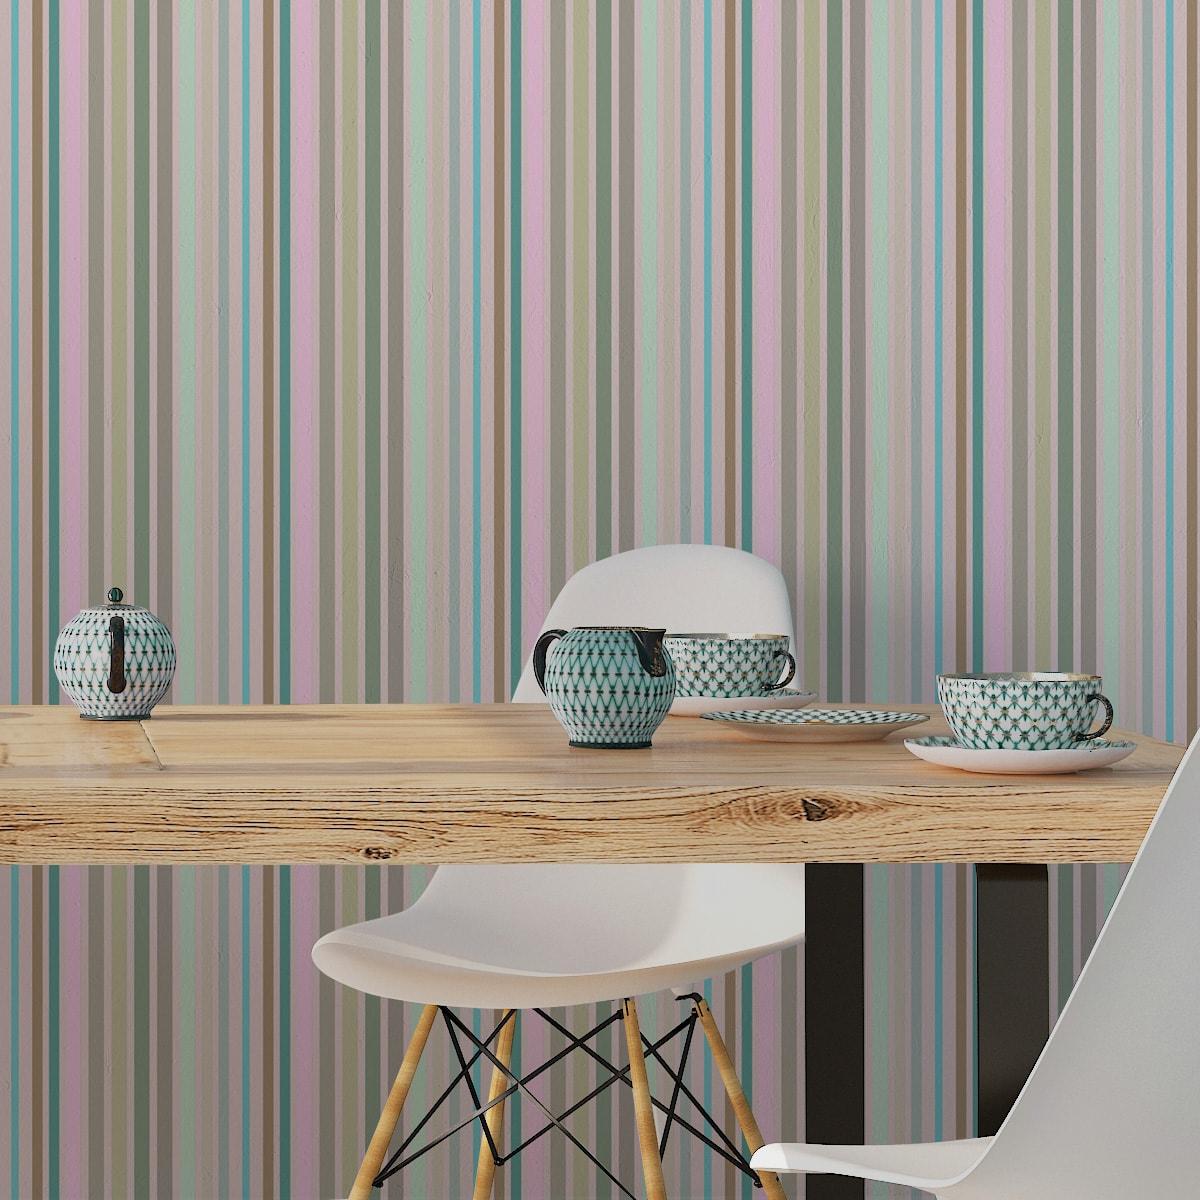 Wundervoll sonnige Design Tapete: Été c'est moi für Schlafzimmer im Tapeten Onlineshop Jetzt Vliestapeten für ihr Zuhause online bestellen Top Service. Aus dem GMM-BERLIN.com Sortiment: Schöne Tapeten in der Farbe: rosa